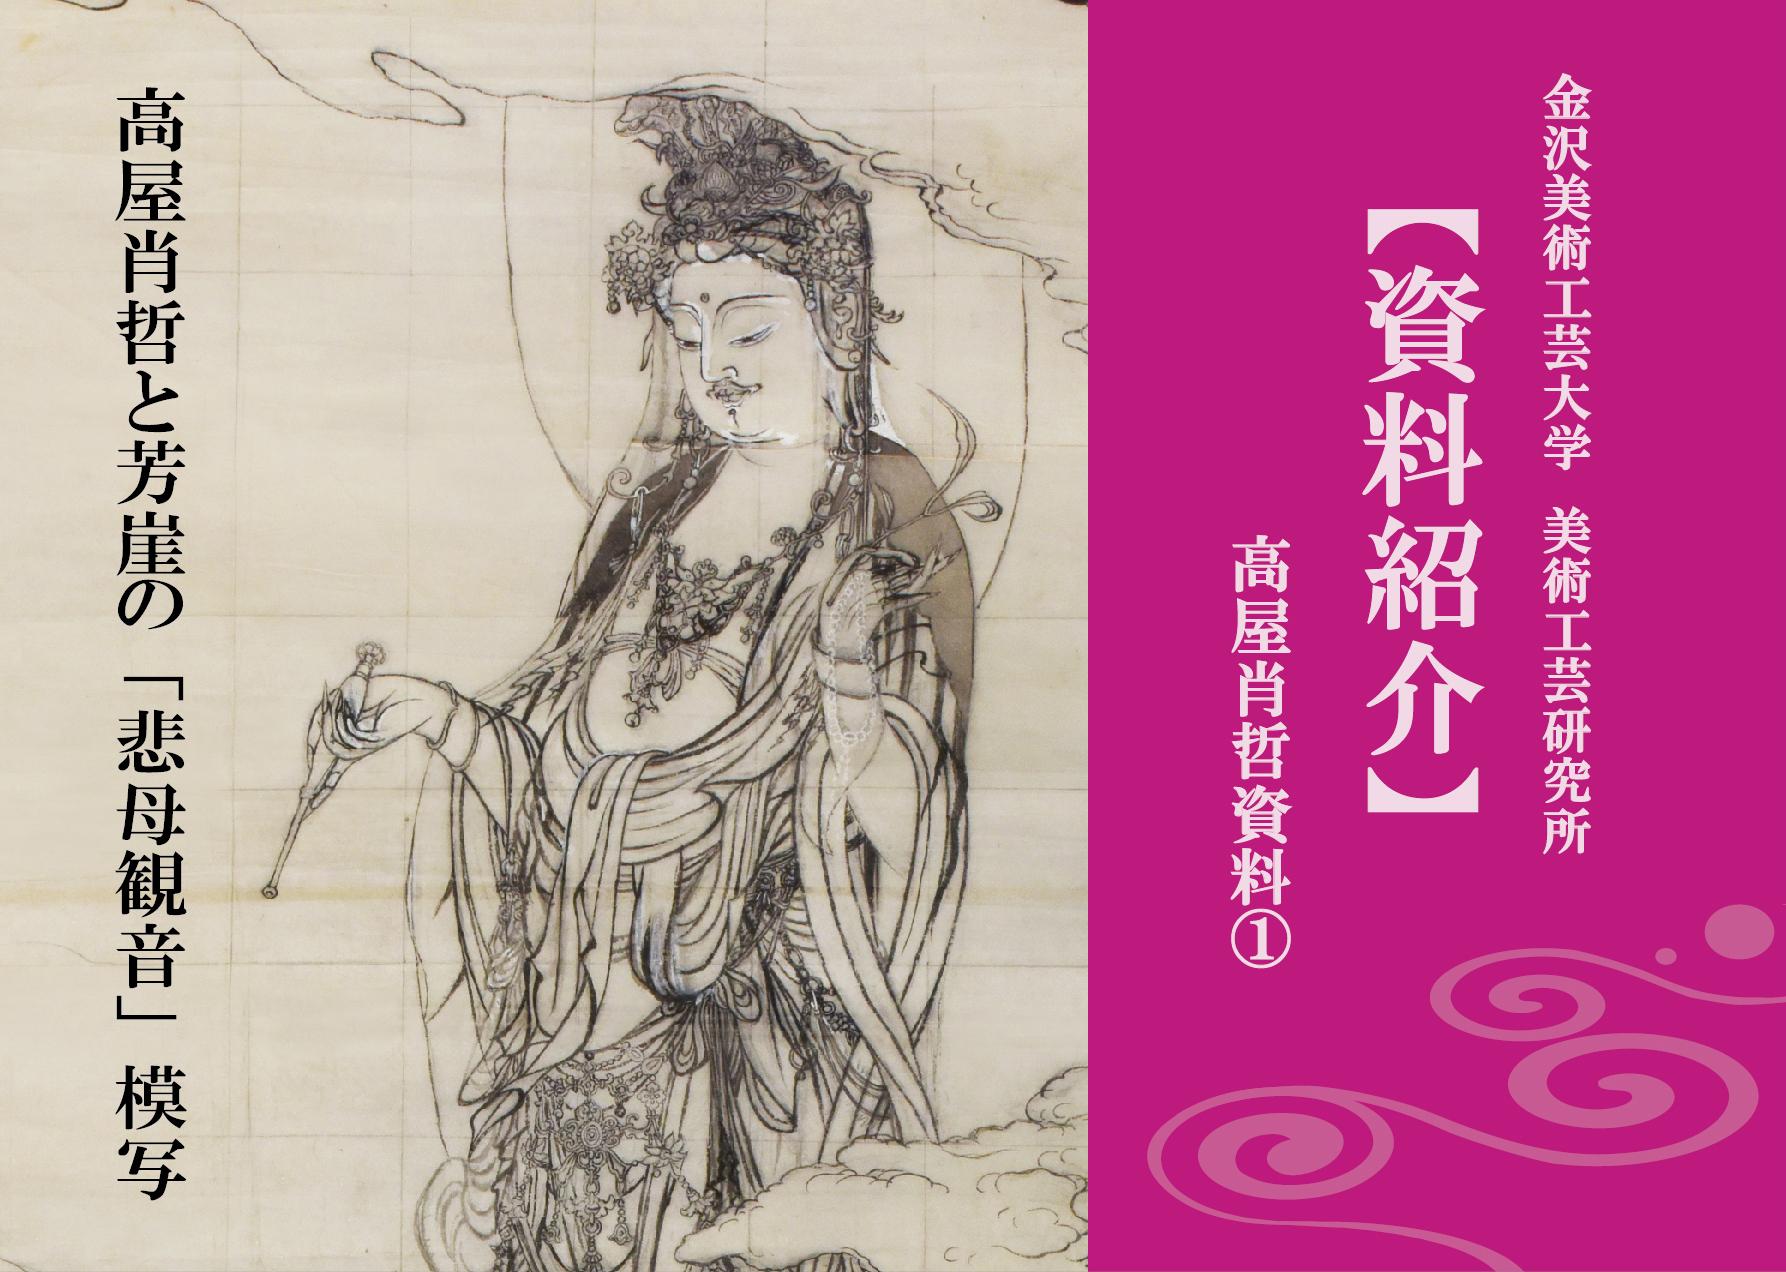 【資料紹介】高屋肖哲資料① 高屋肖哲と芳崖「悲母観音」模写